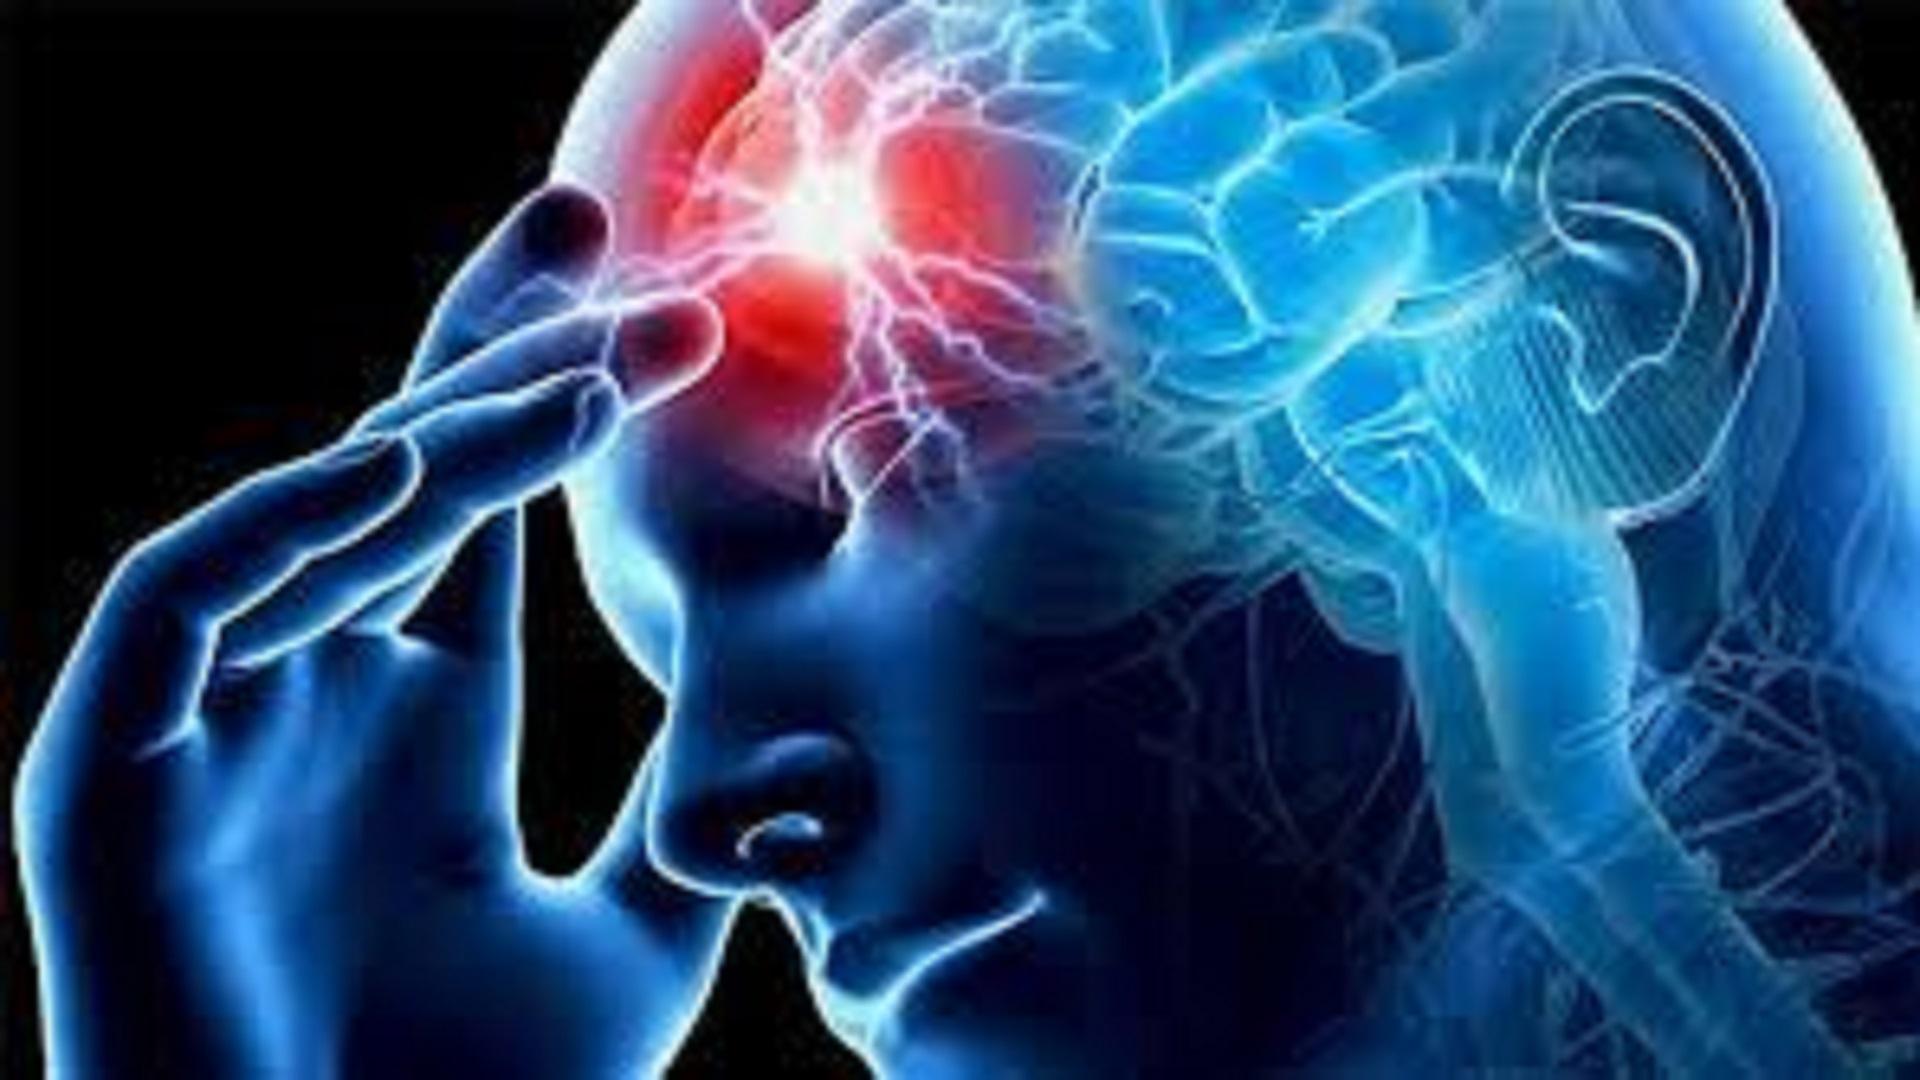 """Roma, 5 apr. (askanews) - In Italia, l'ictus colpisce circa 120mila persone ogni anno. È il più grande produttore di disabilità grave in tutti i paesi sviluppati, incluso il nostro, nonché la seconda causa di morte, con l'11,1% di decessi. Il 30% di questi 200mila hanno come conseguenza dei deficit motori, cognitivi o di linguaggio, e necessitano di trattamento riabilitativo. Circa il 50% dei pazienti che afferiscono alla riabilitazione neurologica sono infatti pazienti con effetti di ictus. Undici persone su 100 muoiono, in seguito a un ictus, nell'arco di trenta giorni, mentre salgono a 16 quelli che non ce la fanno nell'arco di un anno. Un problema che non solo potrebbe essere fatale, ma che comporta spesso anche gravi conseguenze a lungo termine. Nel 35% dei pazienti colpiti, infatti, residua una disabilità grave. Nell'80% dei casi italiani si tratta, per l'esattezza, di ictus di tipi ischemico, mentre nel restante 20% è di natura emorragica. Secondo una recente indagine l'incidenza dell'ictus passa dallo 0,2% nella fascia 55-64 anni allo 0,8% nella fascia 65-74. Si sale al 2,2% nella fascia 75-84 sino al 3,2% degli over 84.   Se ne parlerà a Trieste, presso il Palazzo dei Congressi della Stazione Marittima, durante il 18° Congresso Nazionale della Società Italiana di Riabilitazione Neurologica – SIRN, che si apre domani e durerà fino al 7 aprile. Al centro dell'attenzione, ictus, robotica, disabilità: questi i principali filoni che verranno seguiti. Ma i temi relativi alla neuroriabilitazione che verranno trattati saranno numerosi. Cinquecento gli specialisti attesi.  La riabilitazione è un lavoro di gruppo che riguarda più professionalità: il medico, il fisioterapista, il terapista occupazionale, lo psicologo, l'infermiere, il bioingegnere. Nella SIRN, infatti, non sono iscritti solo medici, ma tutti gli operatori del team riabilitativo. """"La neuroriabilitazione – spiega Carlo Cisari, Presidente della SIRN - Società Italiana di Riabilitazione Neurologica - è la"""